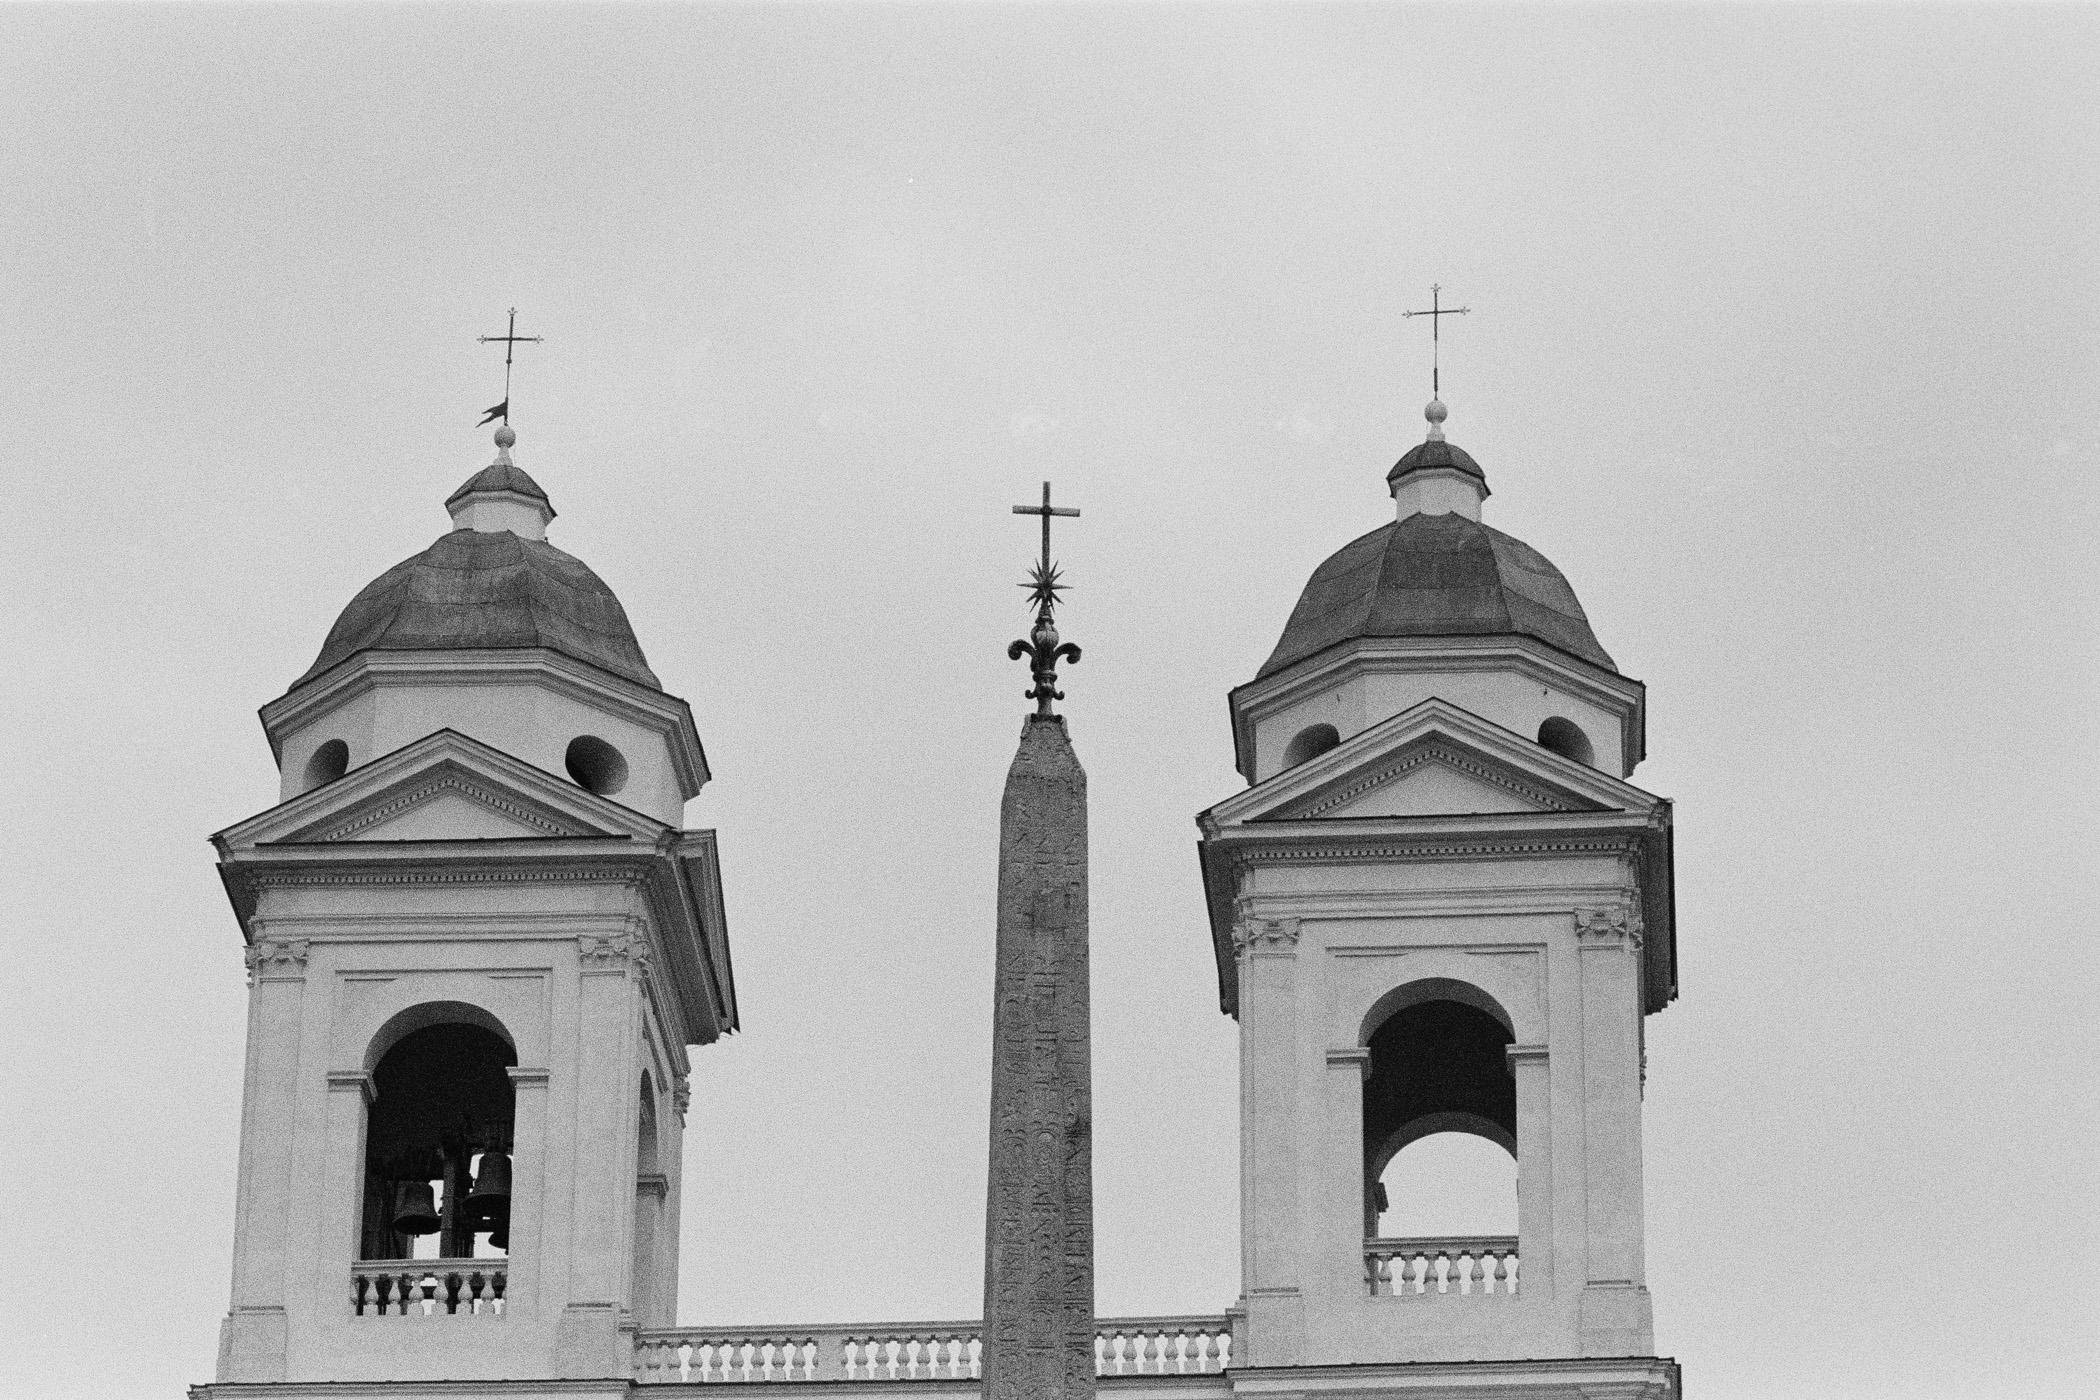 Trinita dei Monti